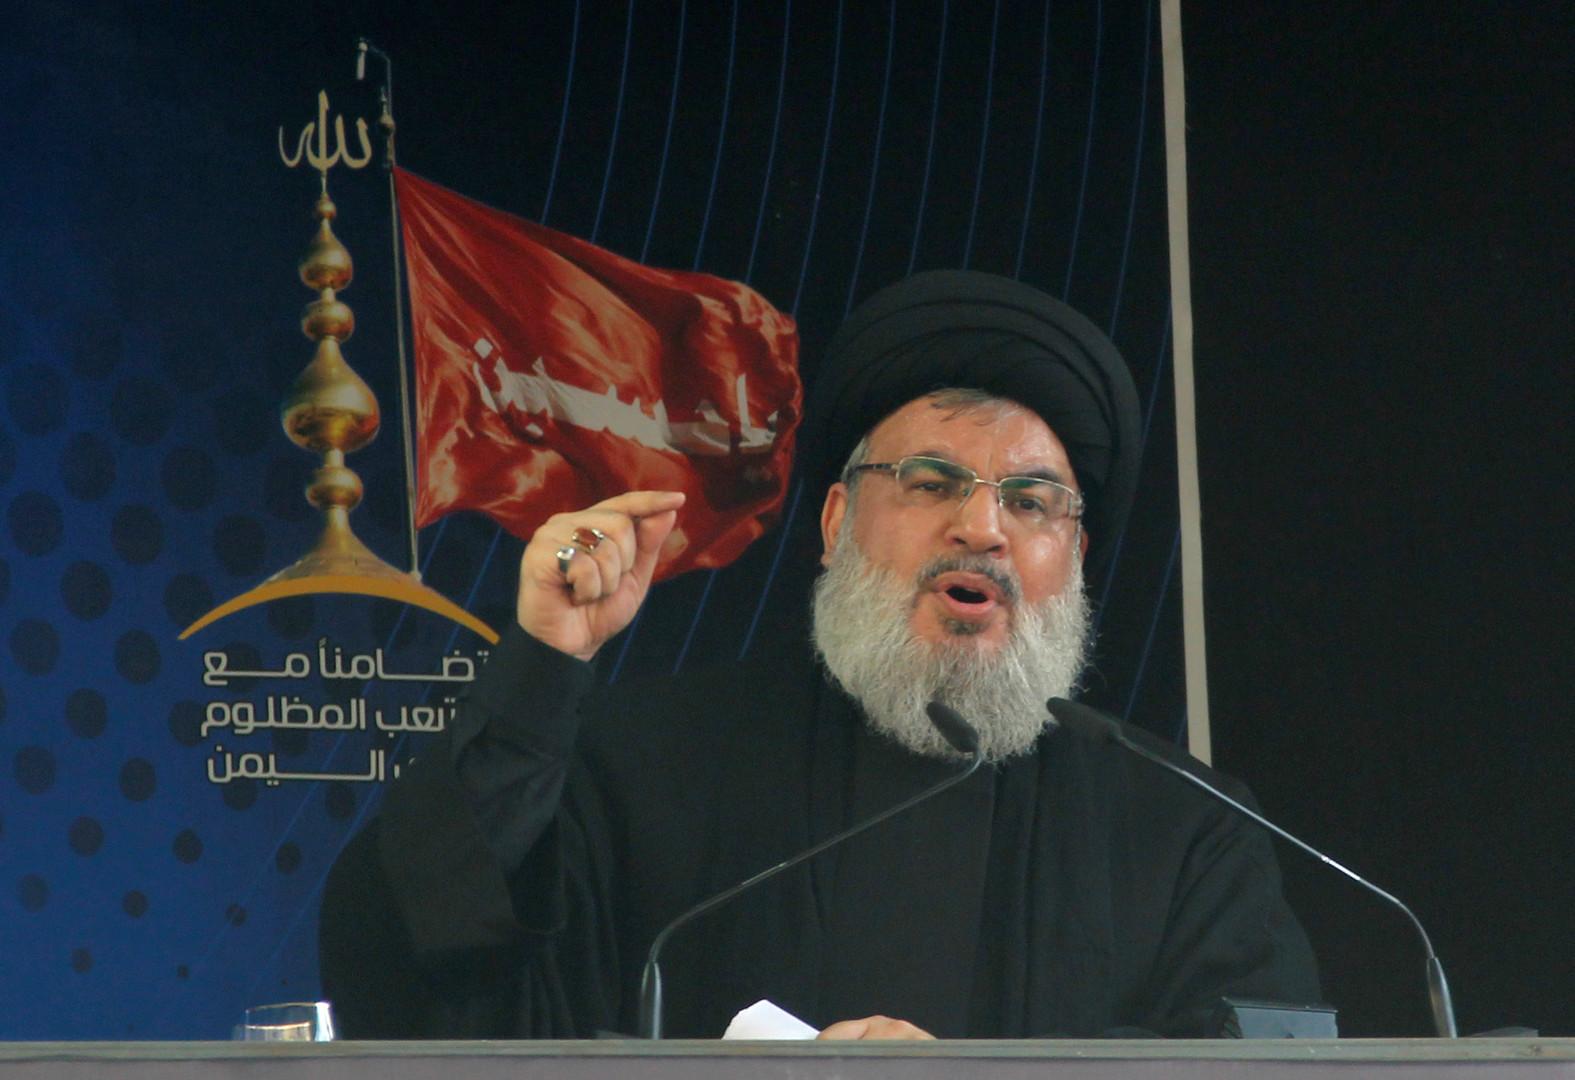 نصر الله: قادرون على استهداف كل إسرائيل حتى إيلات وإعادتها للعصر الحجري